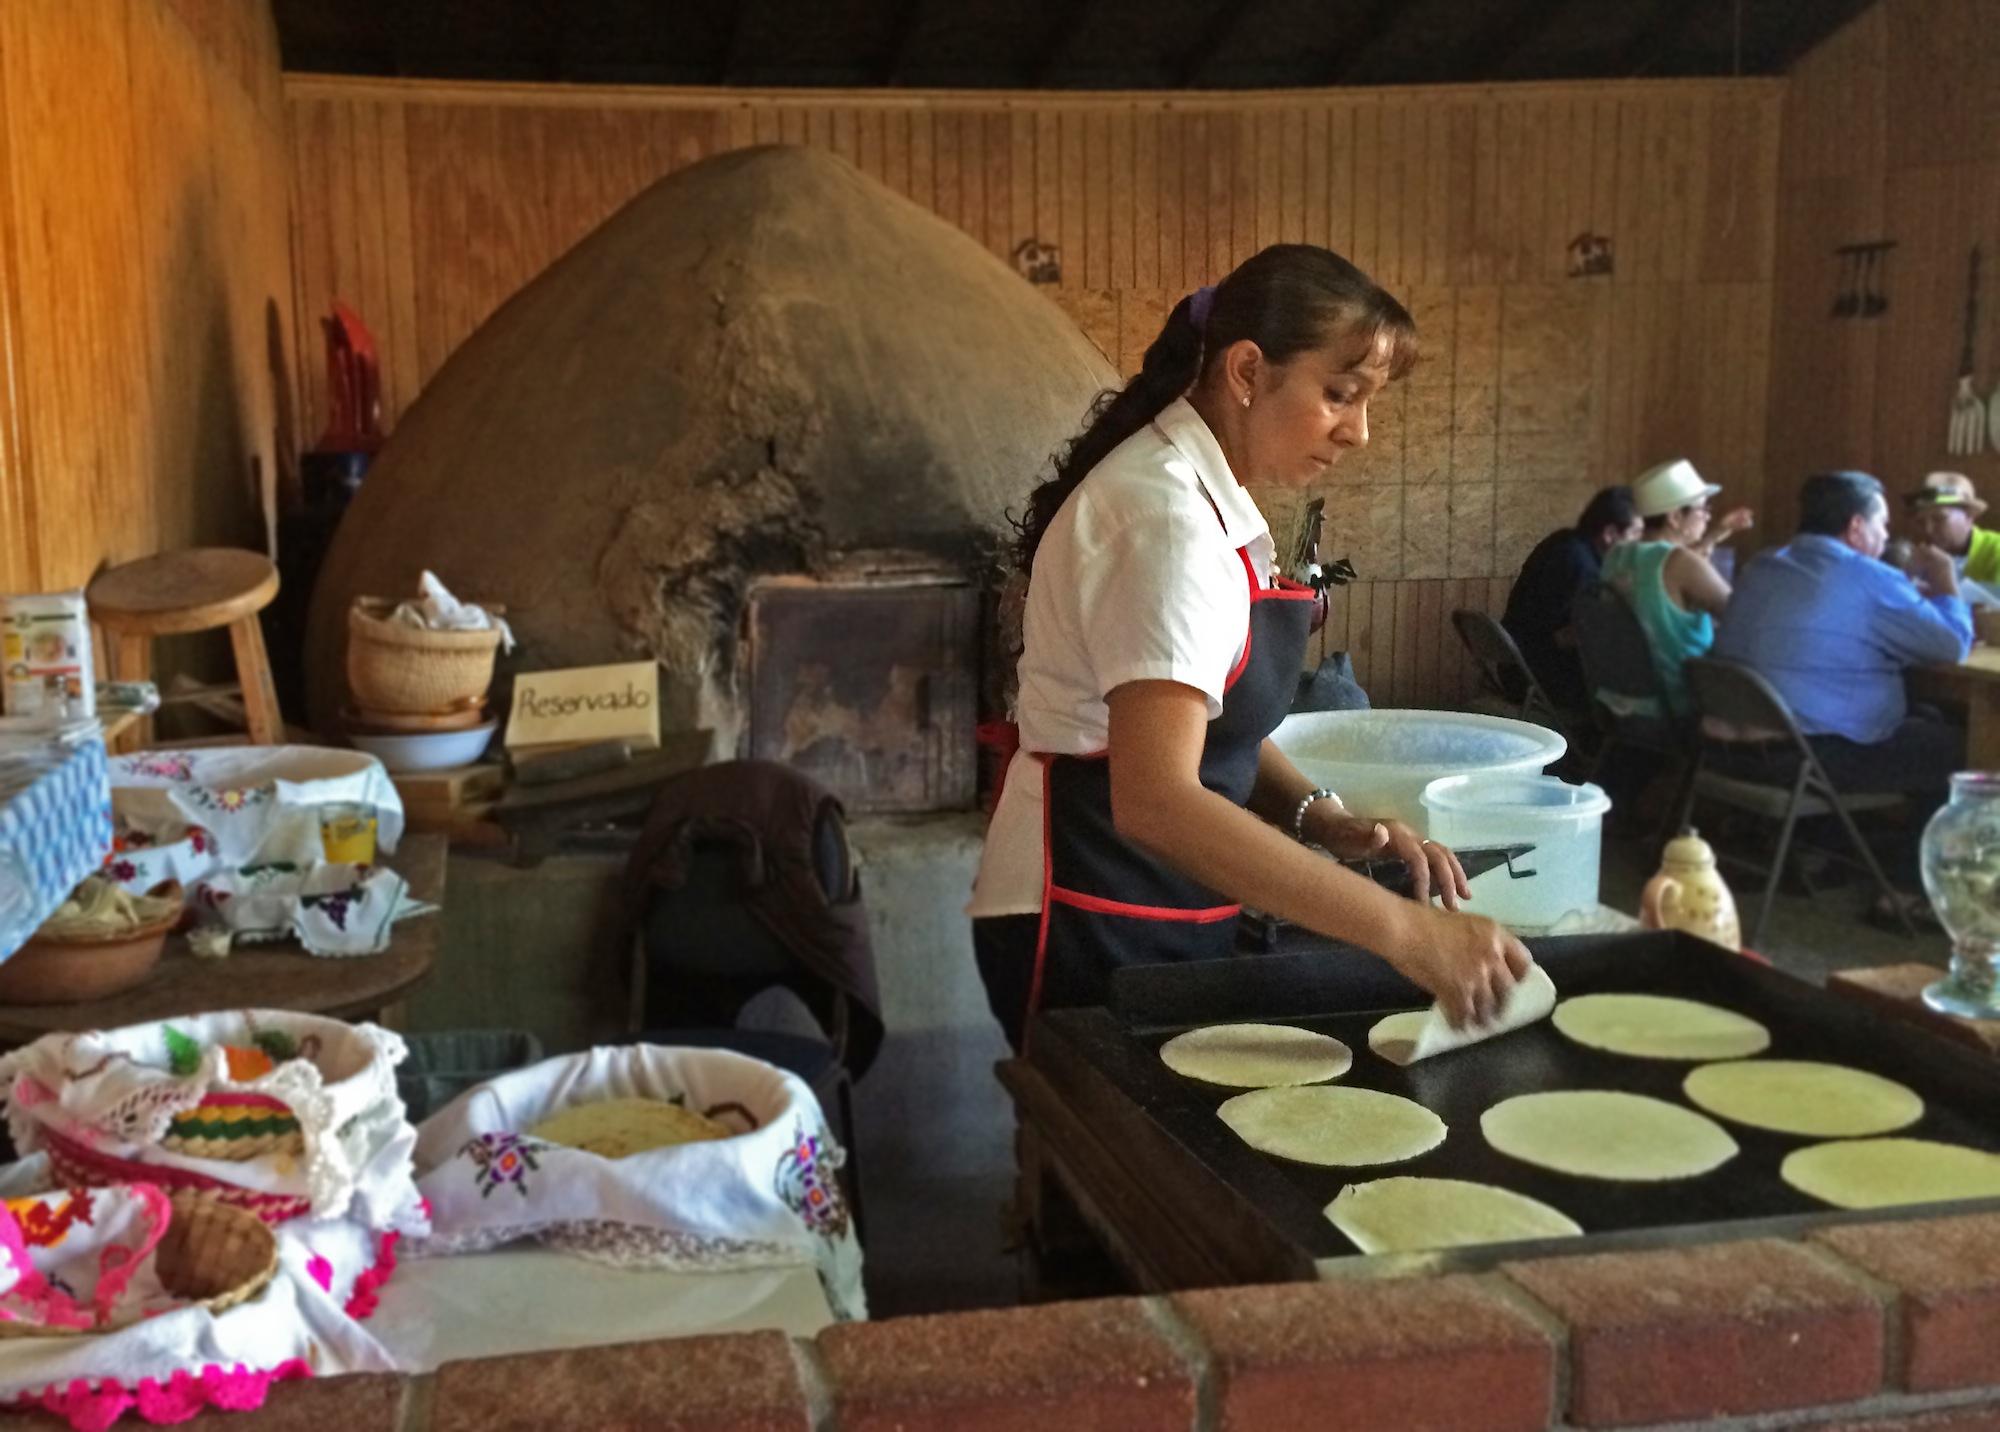 La Cocina de Doa Esthela  The Other California